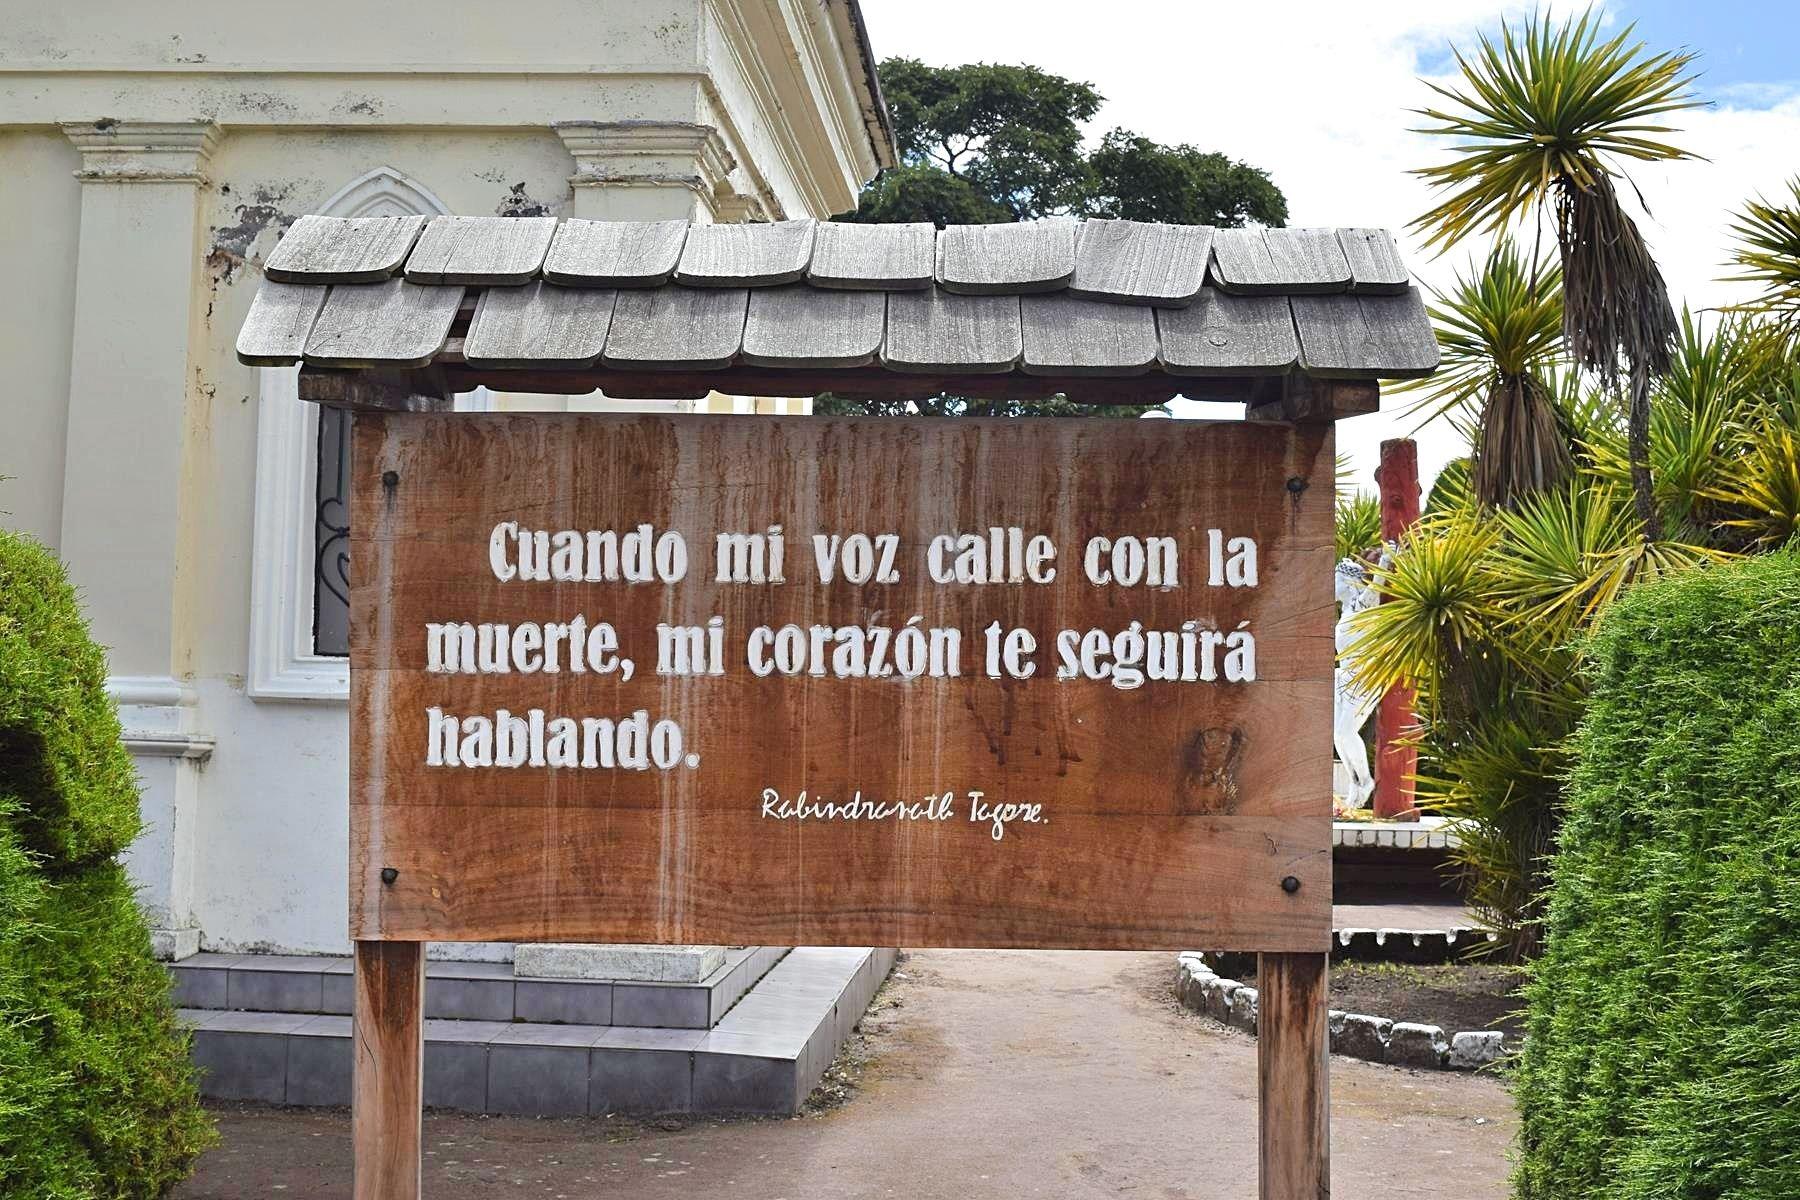 Grens over van Colombia naar Ecuador